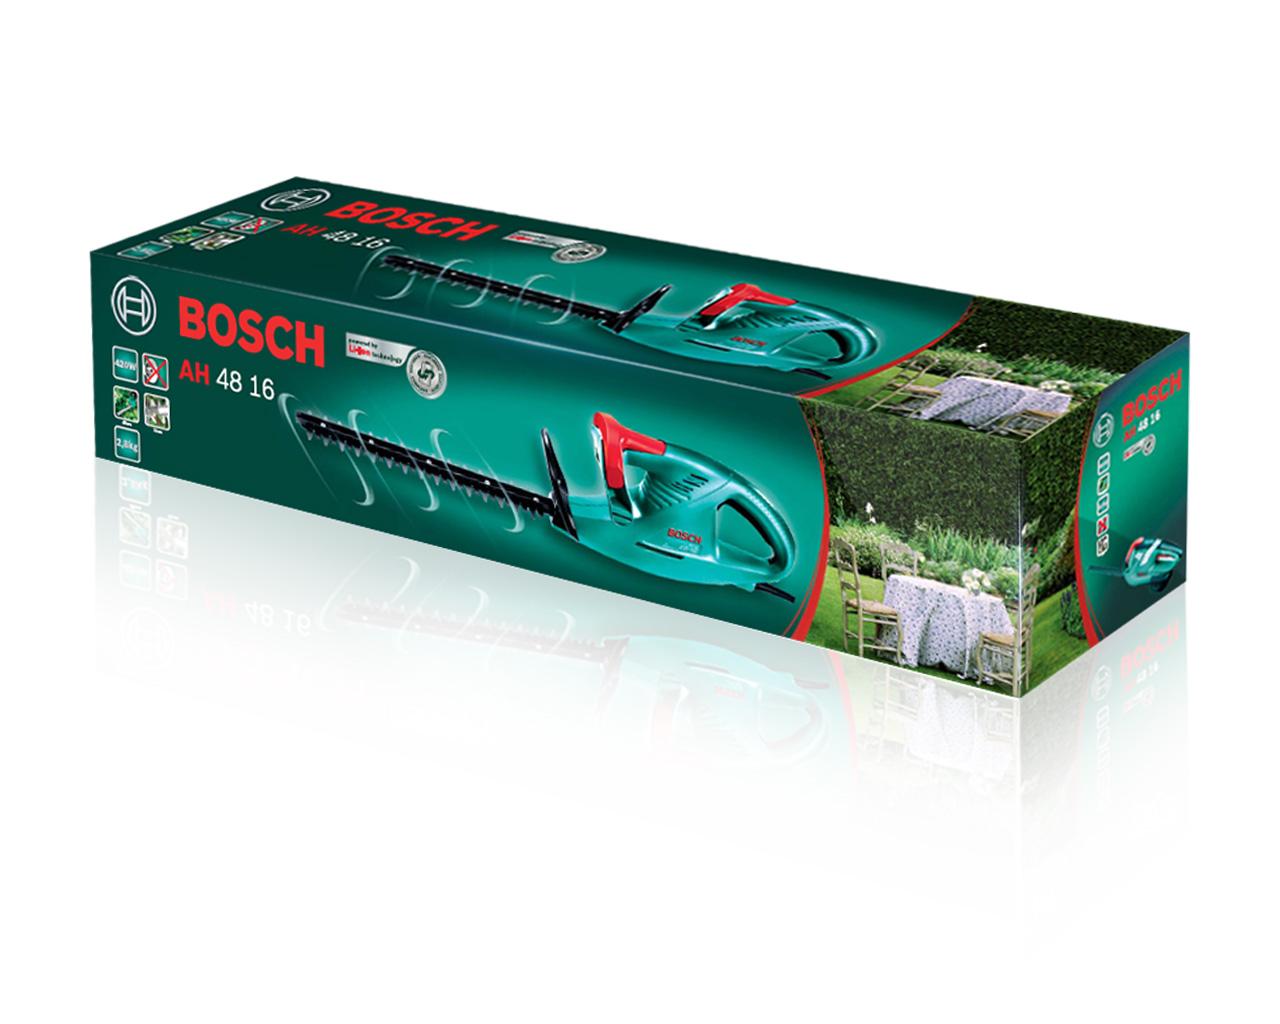 BOSCH-5